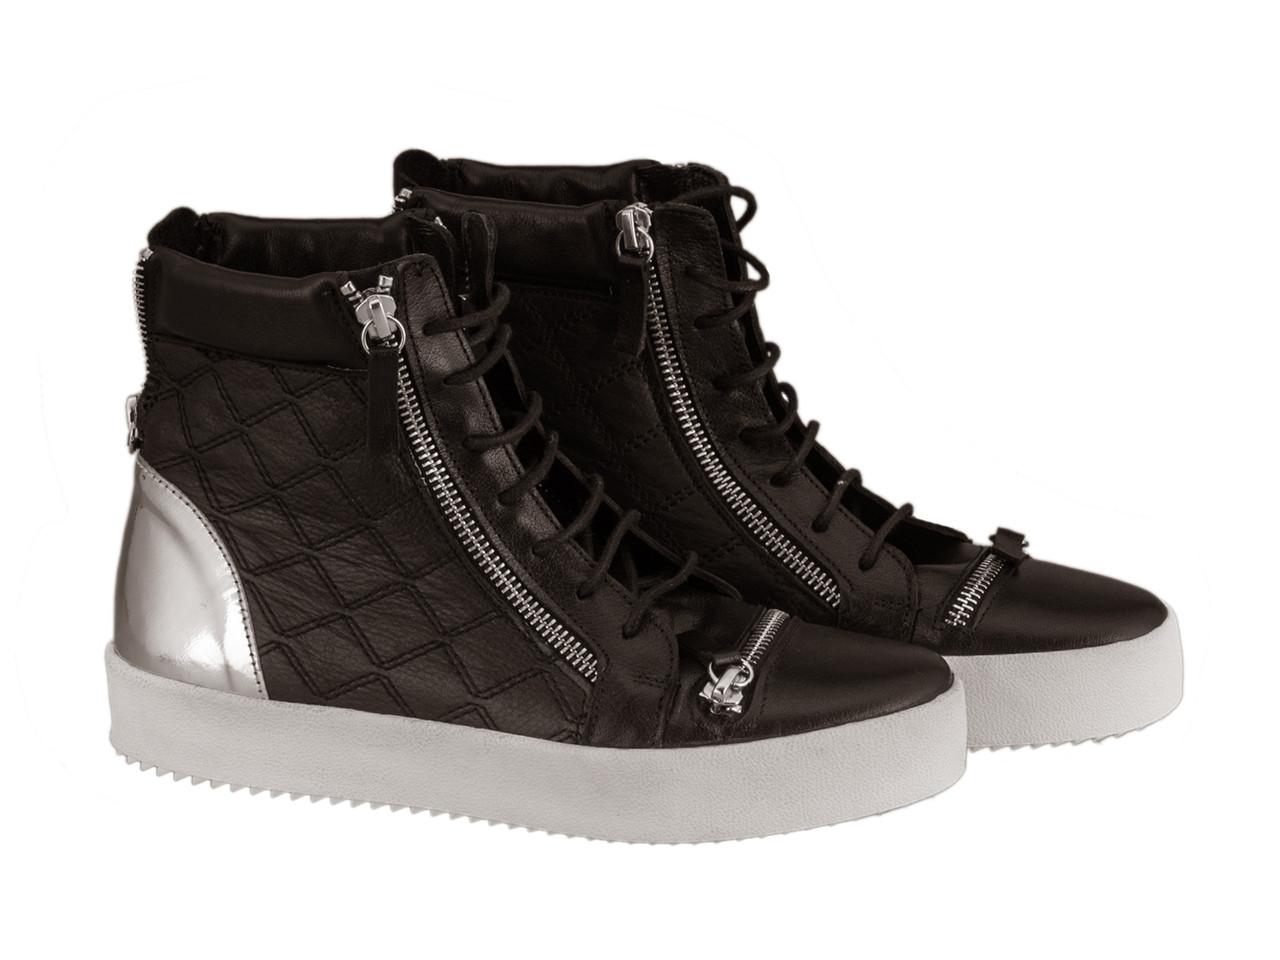 Ботинки Etor 6023-01462-500 черные